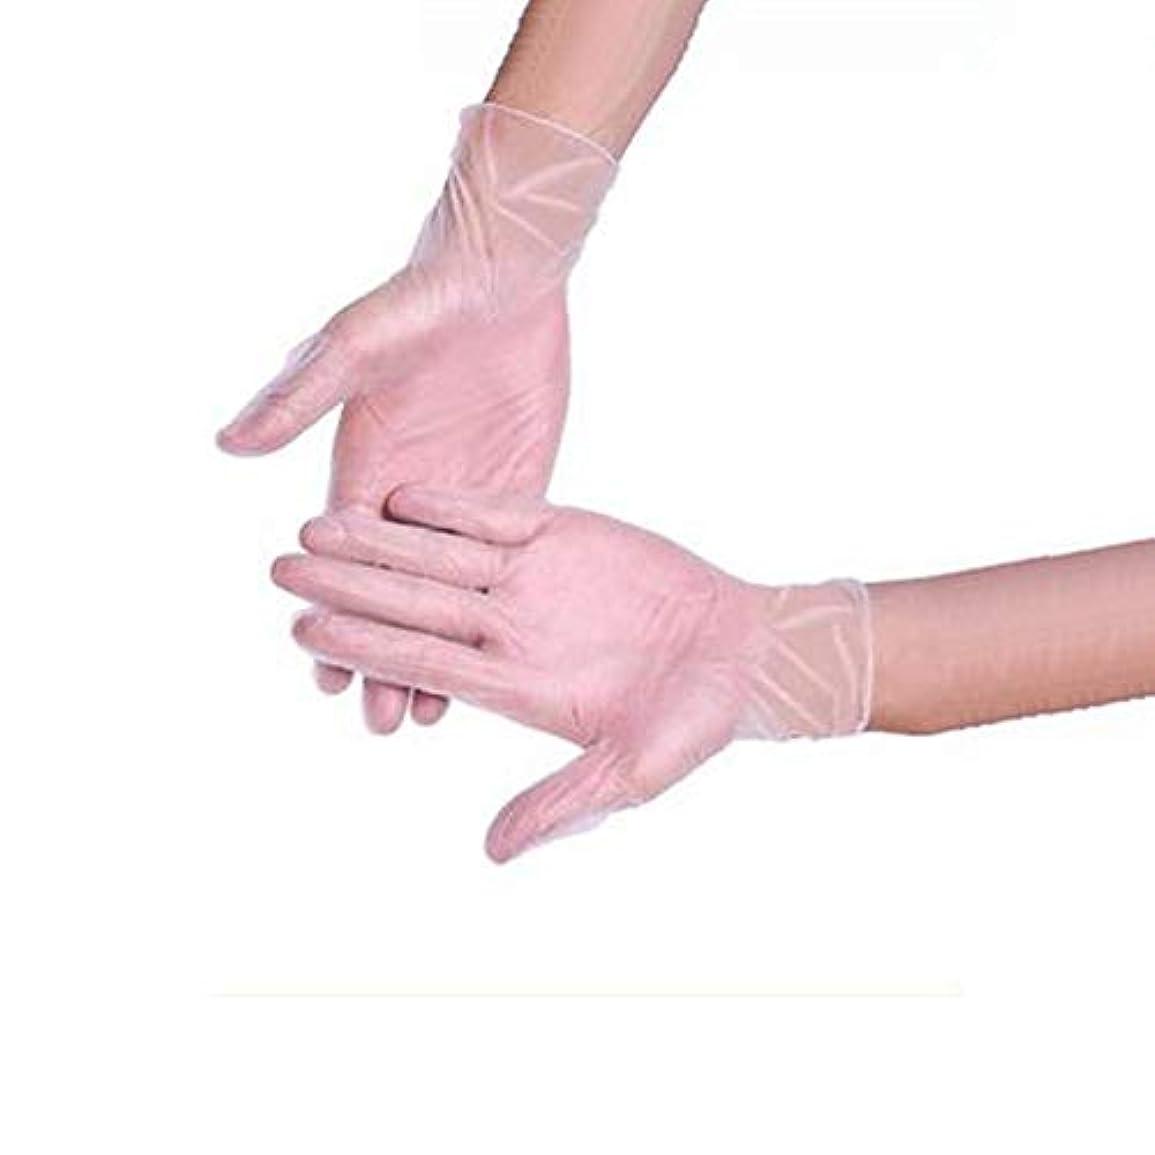 すぐに高めるコンベンション食品ベーキング手袋美容ネイル使い捨て手袋クリーニング帯電防止手袋箱入り500のみ YANW (色 : トランスペアレント, サイズ さいず : Xl xl)